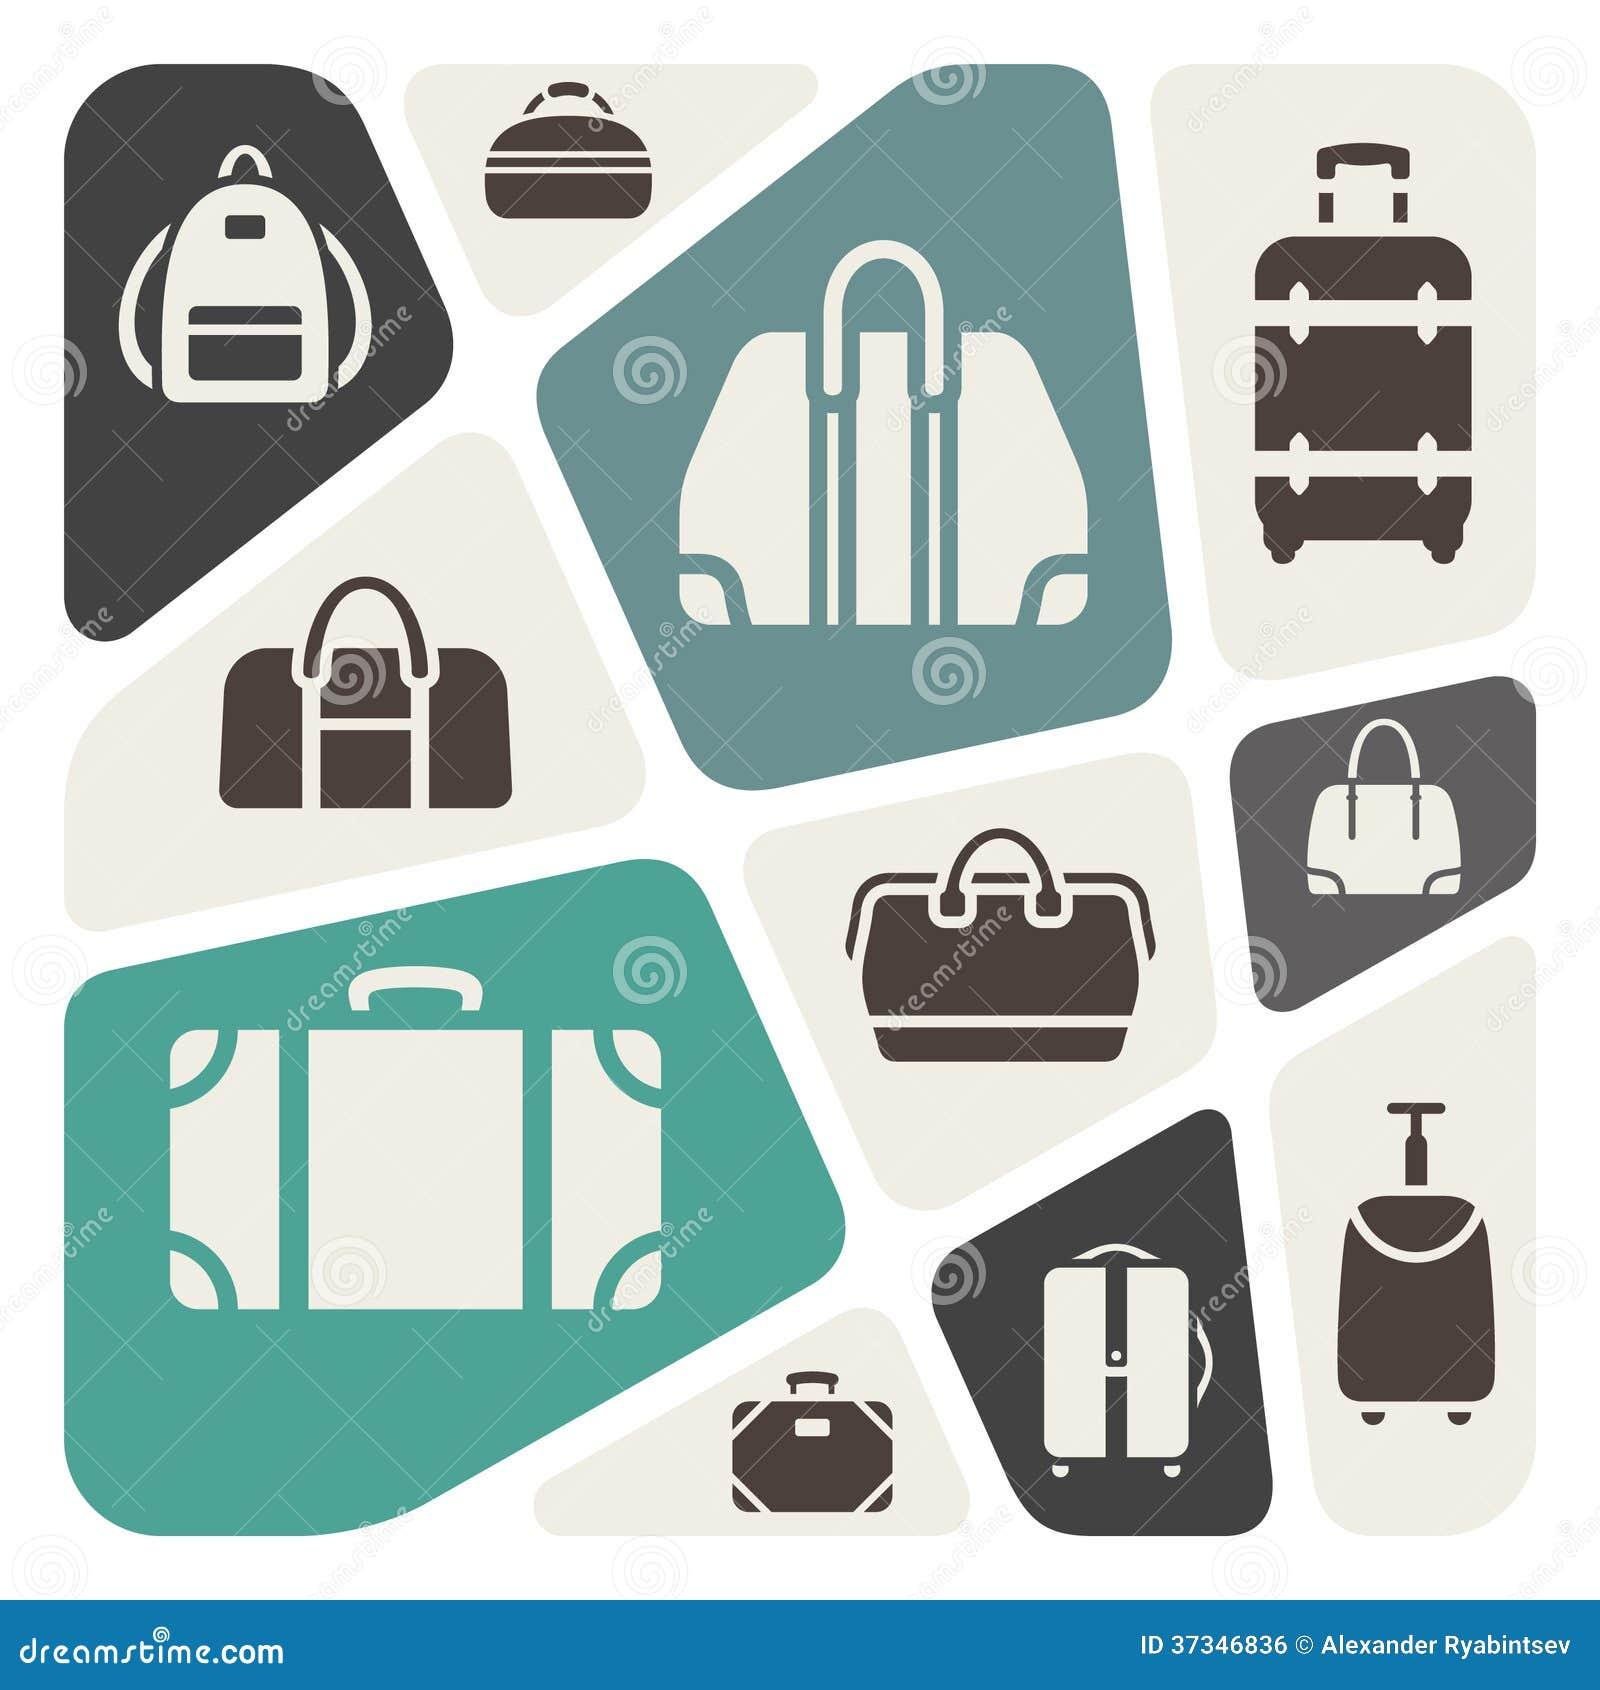 Kofferikonen-Hintergrundillustration